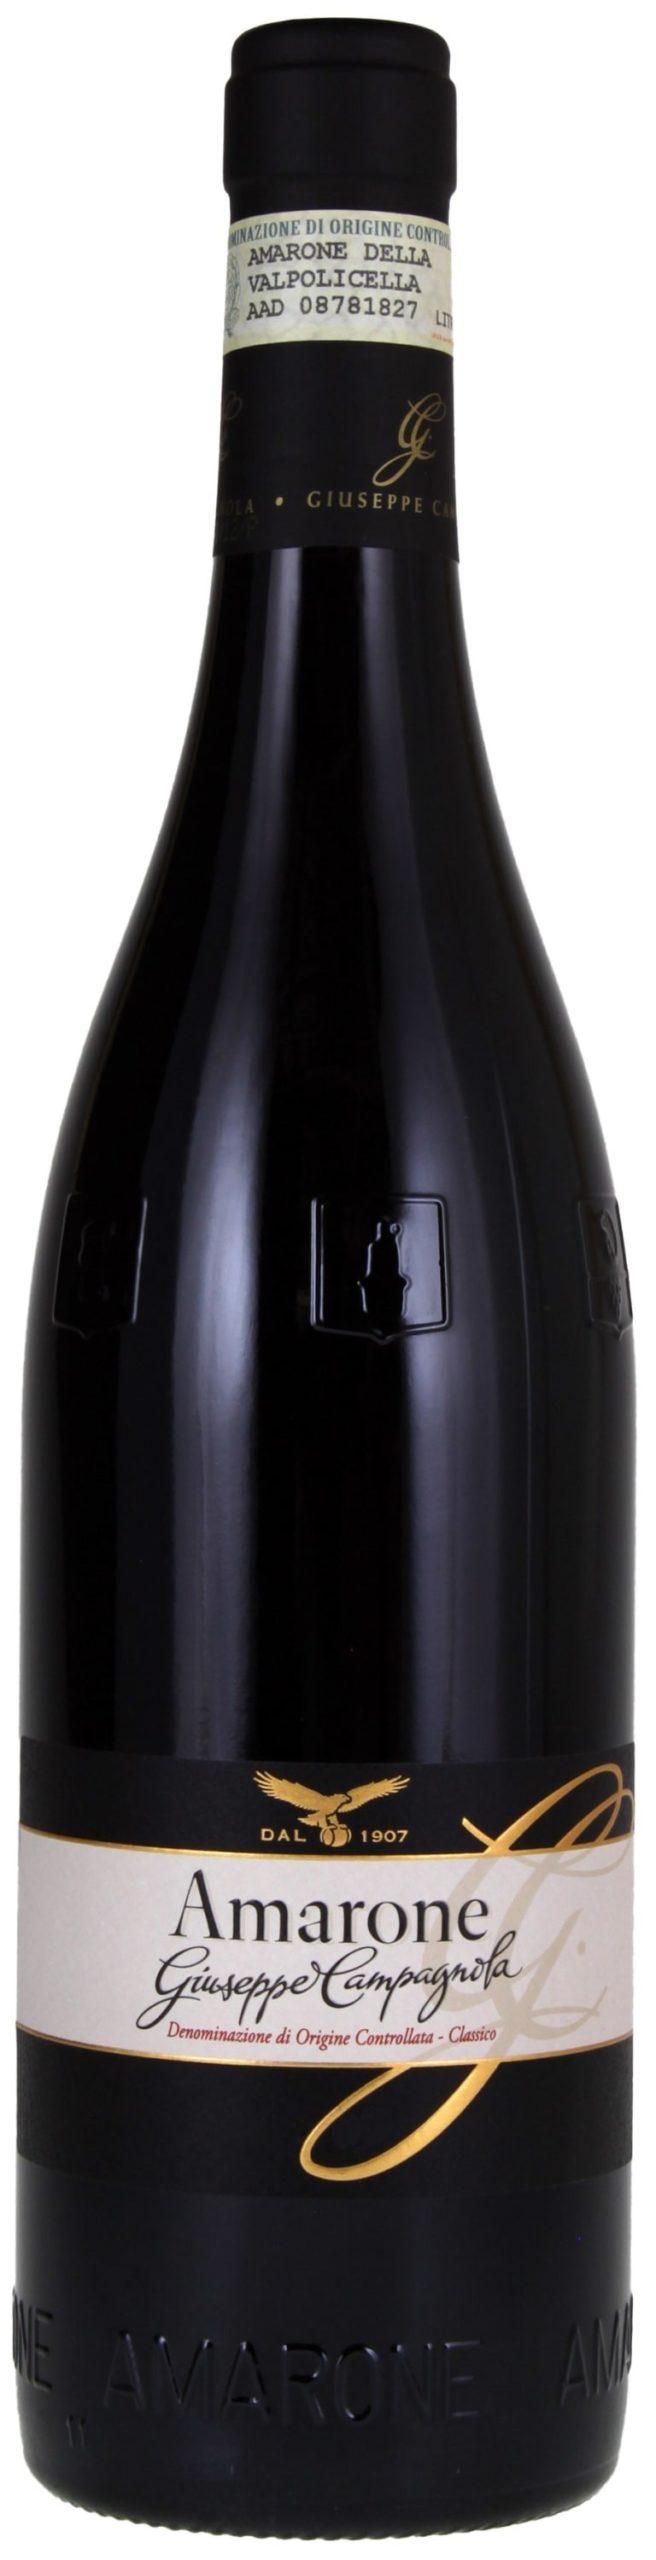 Campagnola Amarone della Valpolicella Classico 2016 dessert wine